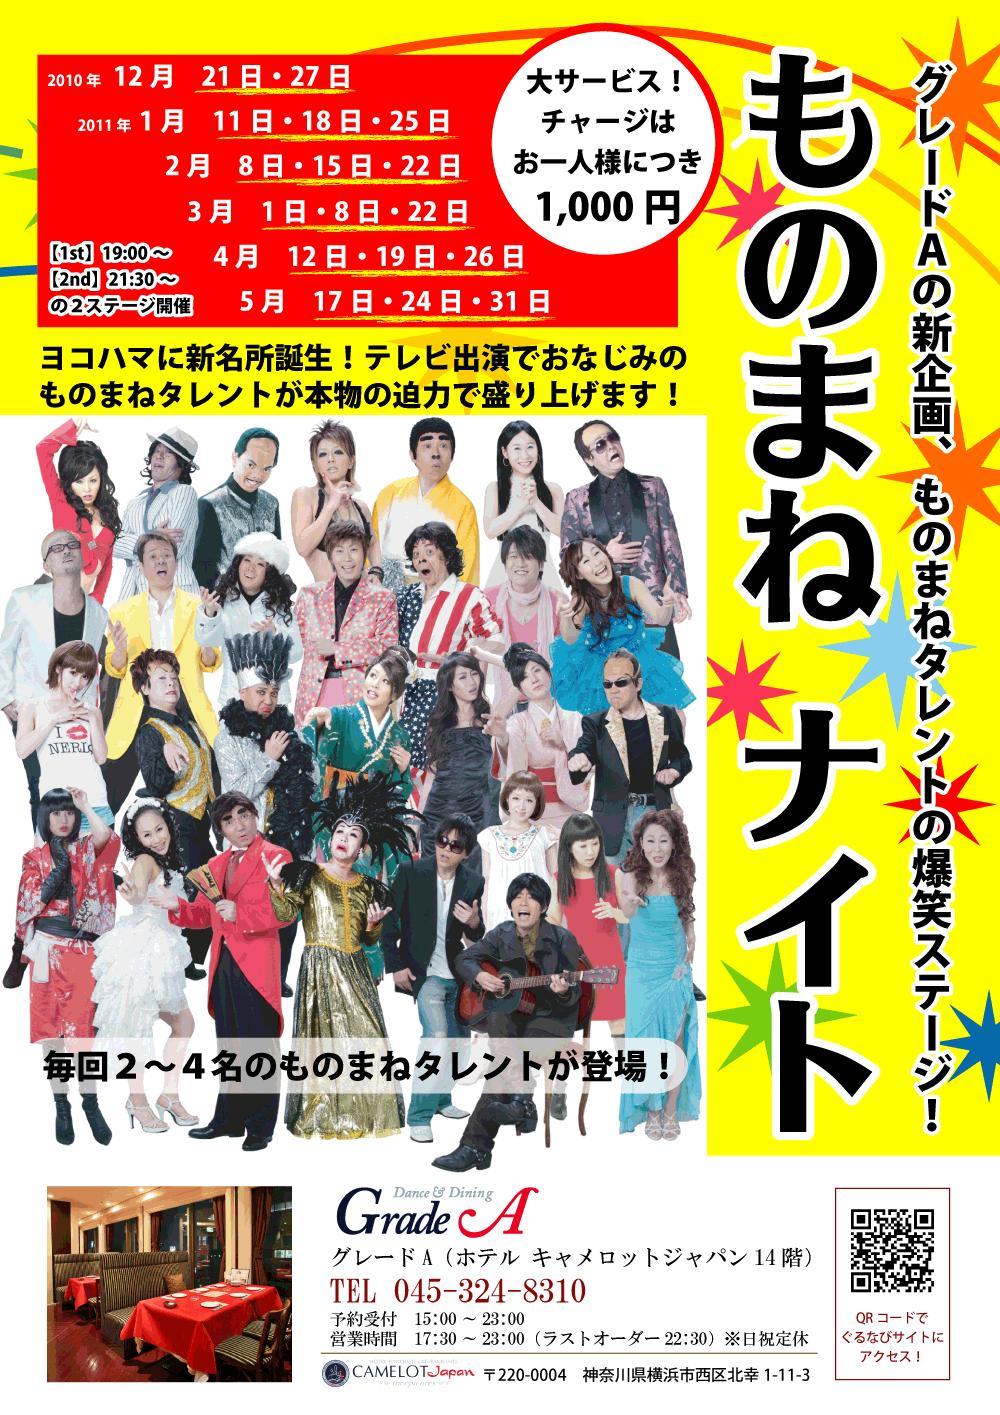 本日!横浜にてモノマネライブ!